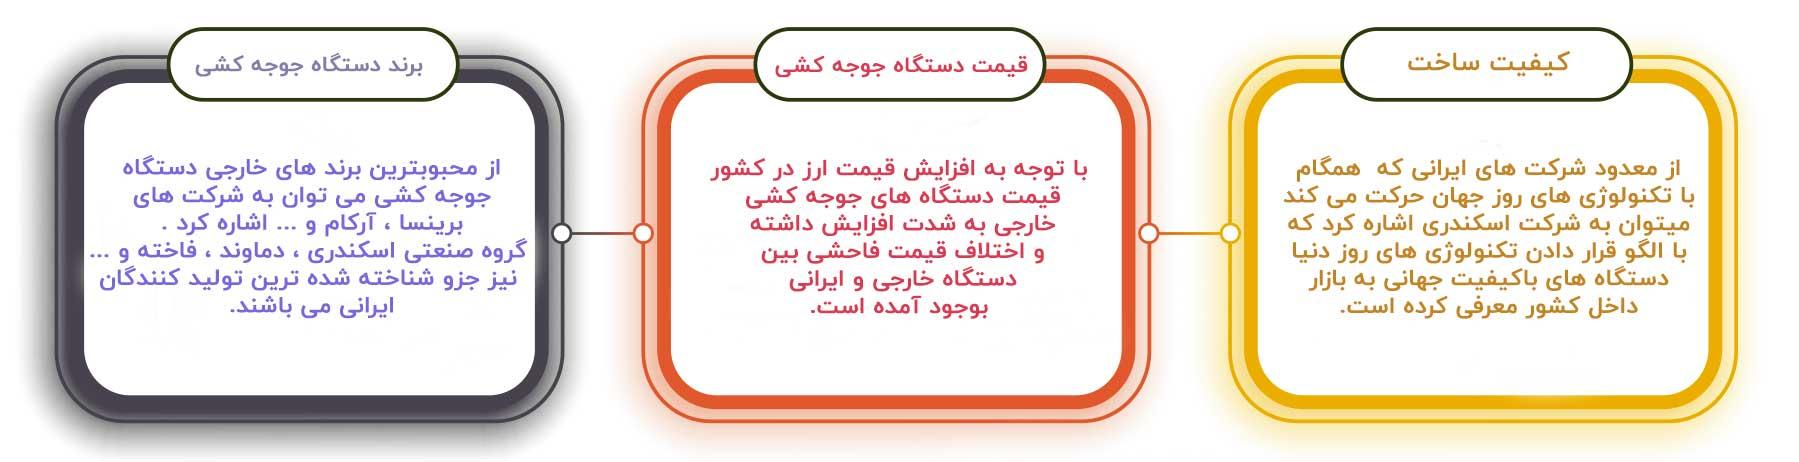 دستگاه جوجه کشی خارجی یا ایرانی